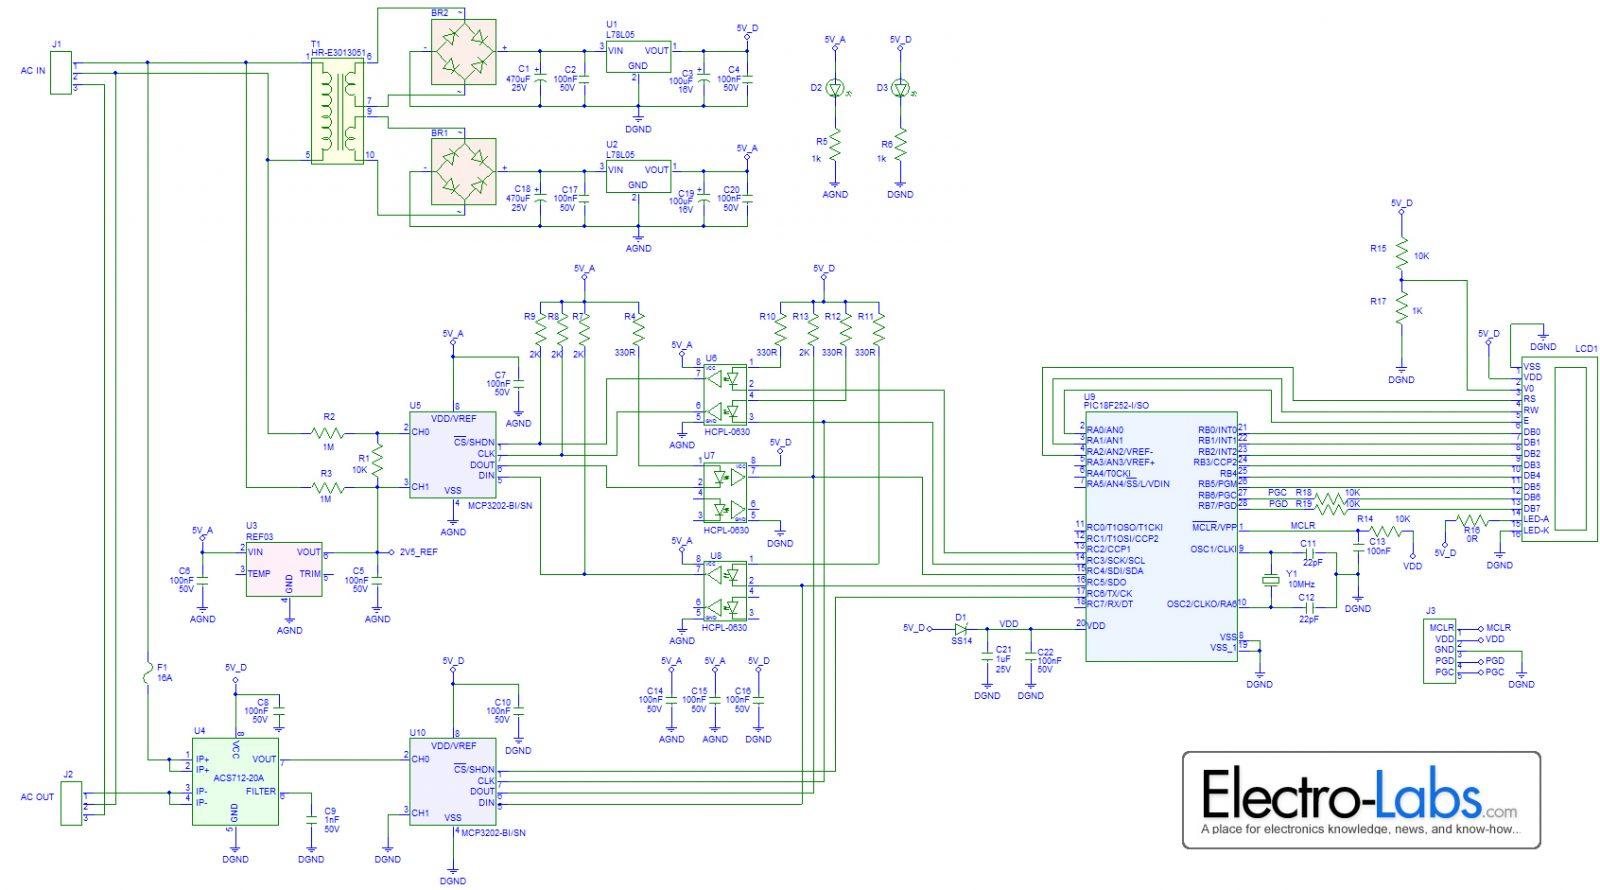 Dc Wattmeter Circuit Diagram Library Of Wiring Ac Converter Diy Digital Watt Meter Rh Pic Microcontroller Com Motor Control